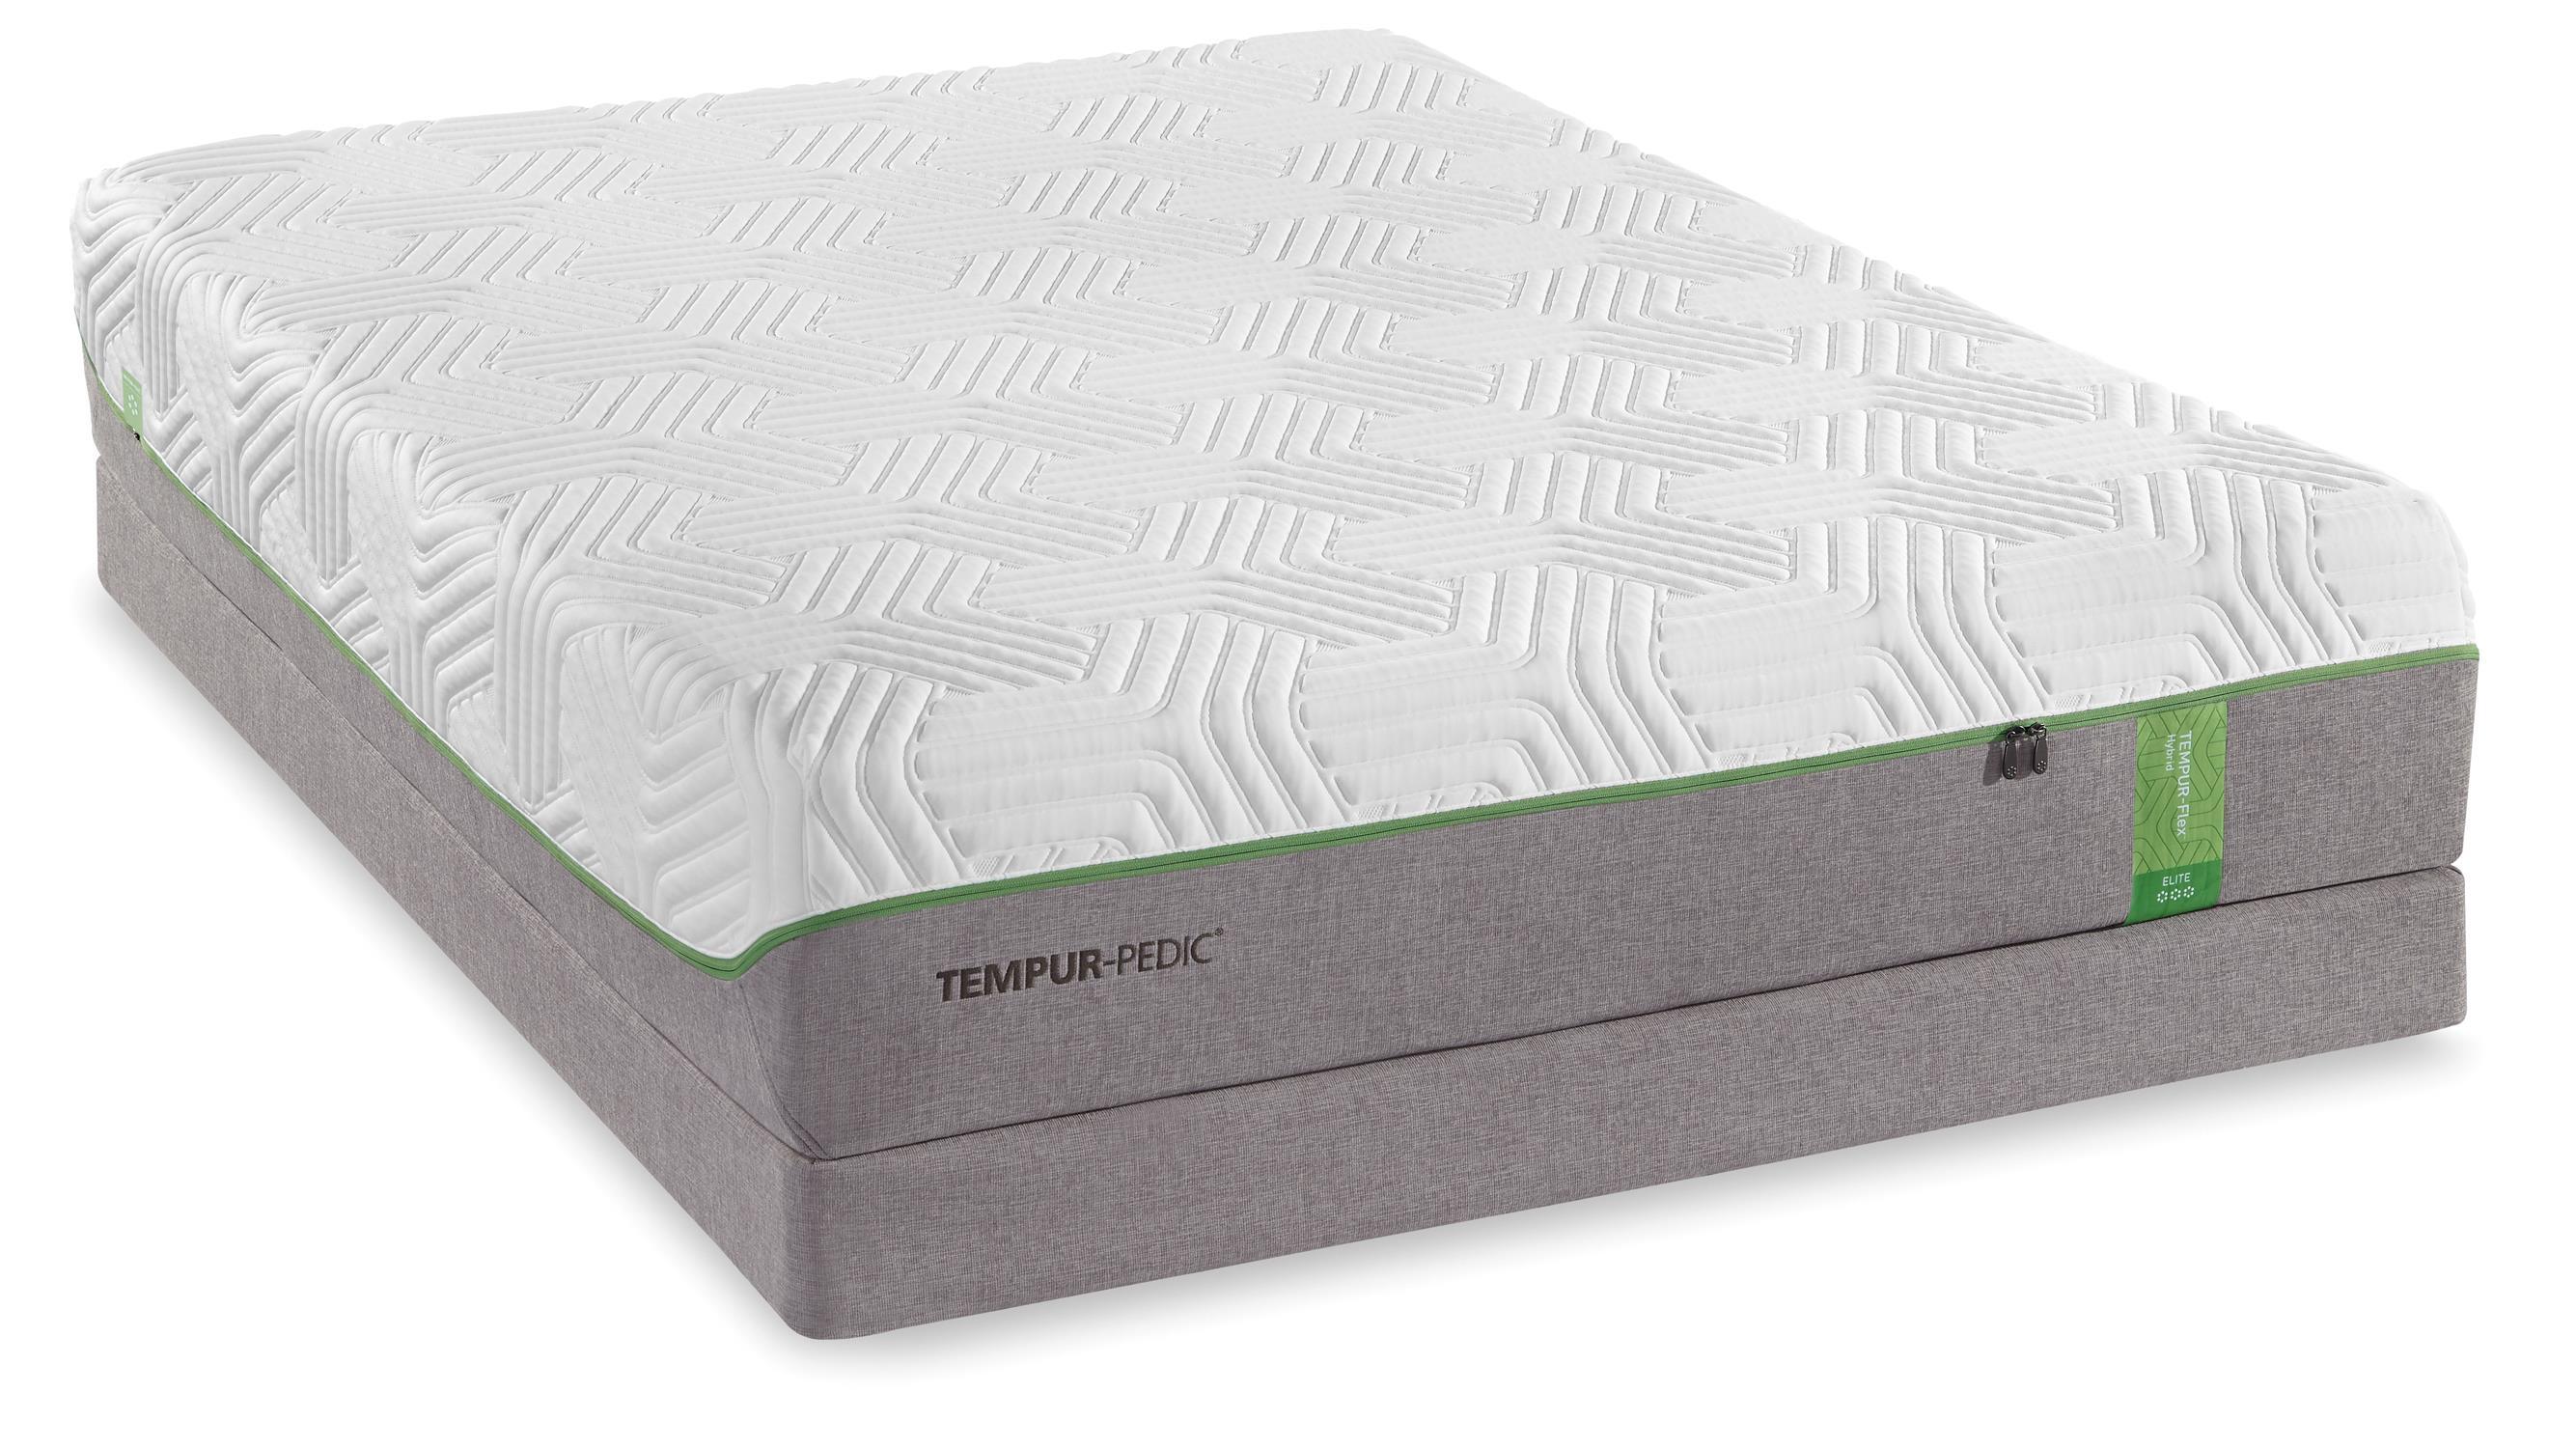 Tempur-Pedic® TEMPUR-Flex Elite Full Medium Soft Plush Mattress Set - Item Number: 10117130+21510130